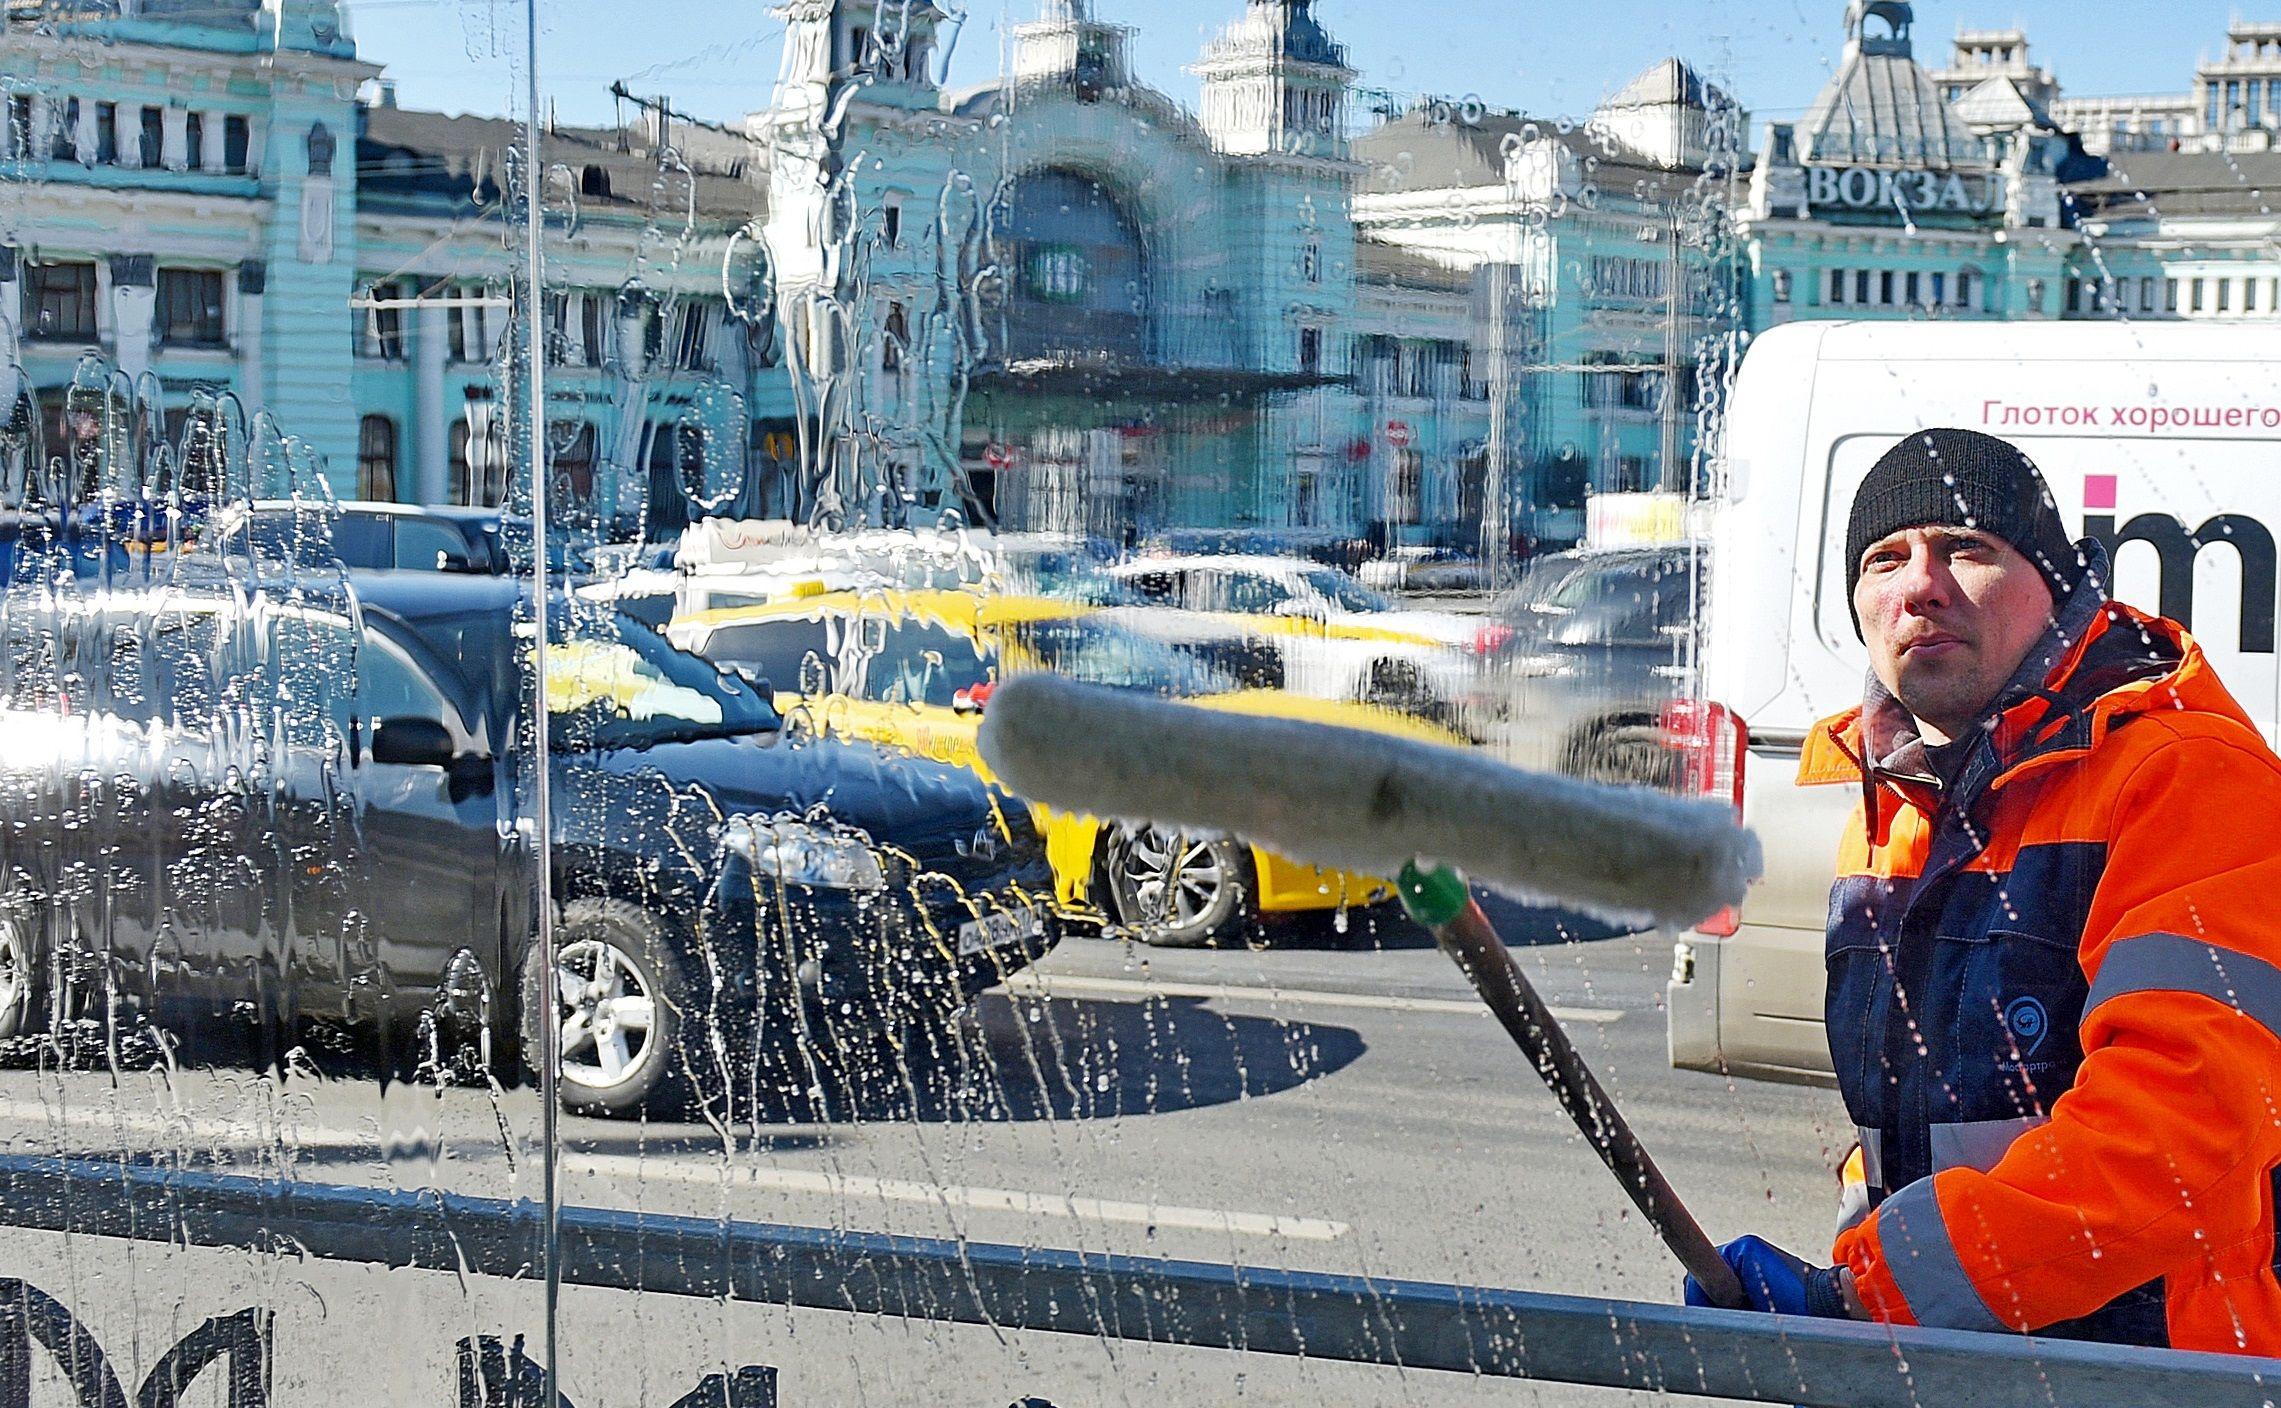 Масштабная дезинфекция дорог и общественных пространств прошла в Москве